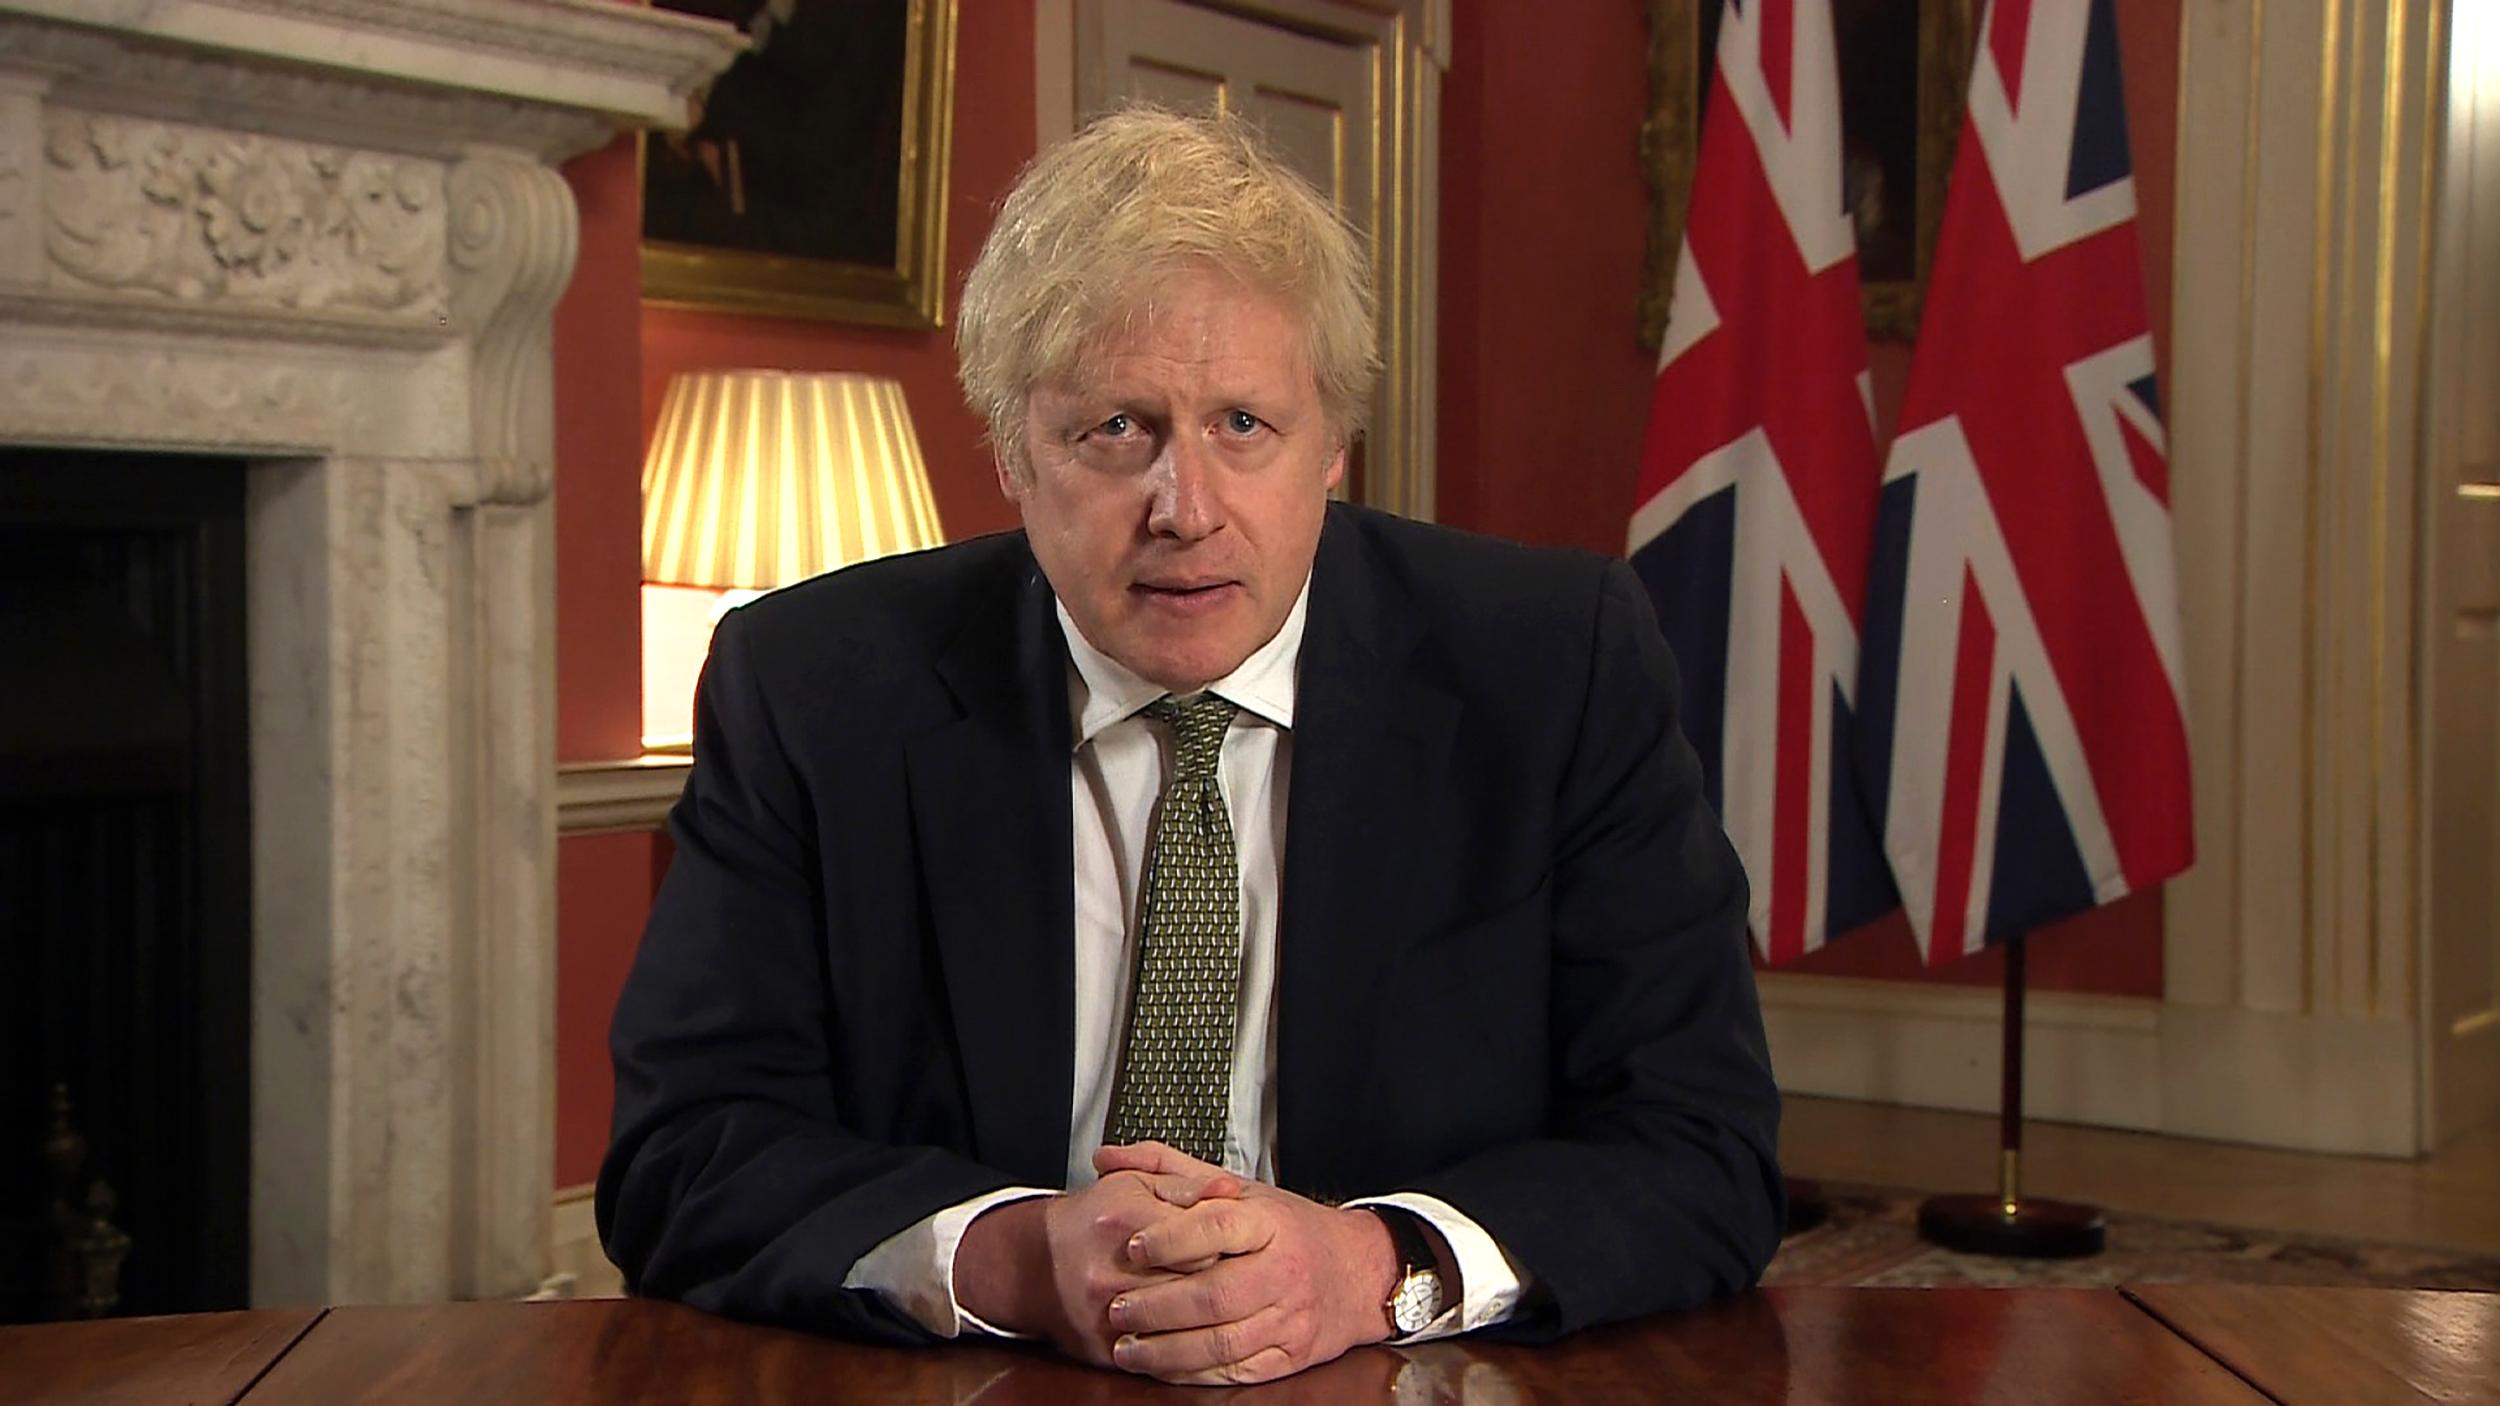 UK lockdown: Boris Johnson imposes harsh new measures as new Covid-19  variant spreads - CNN